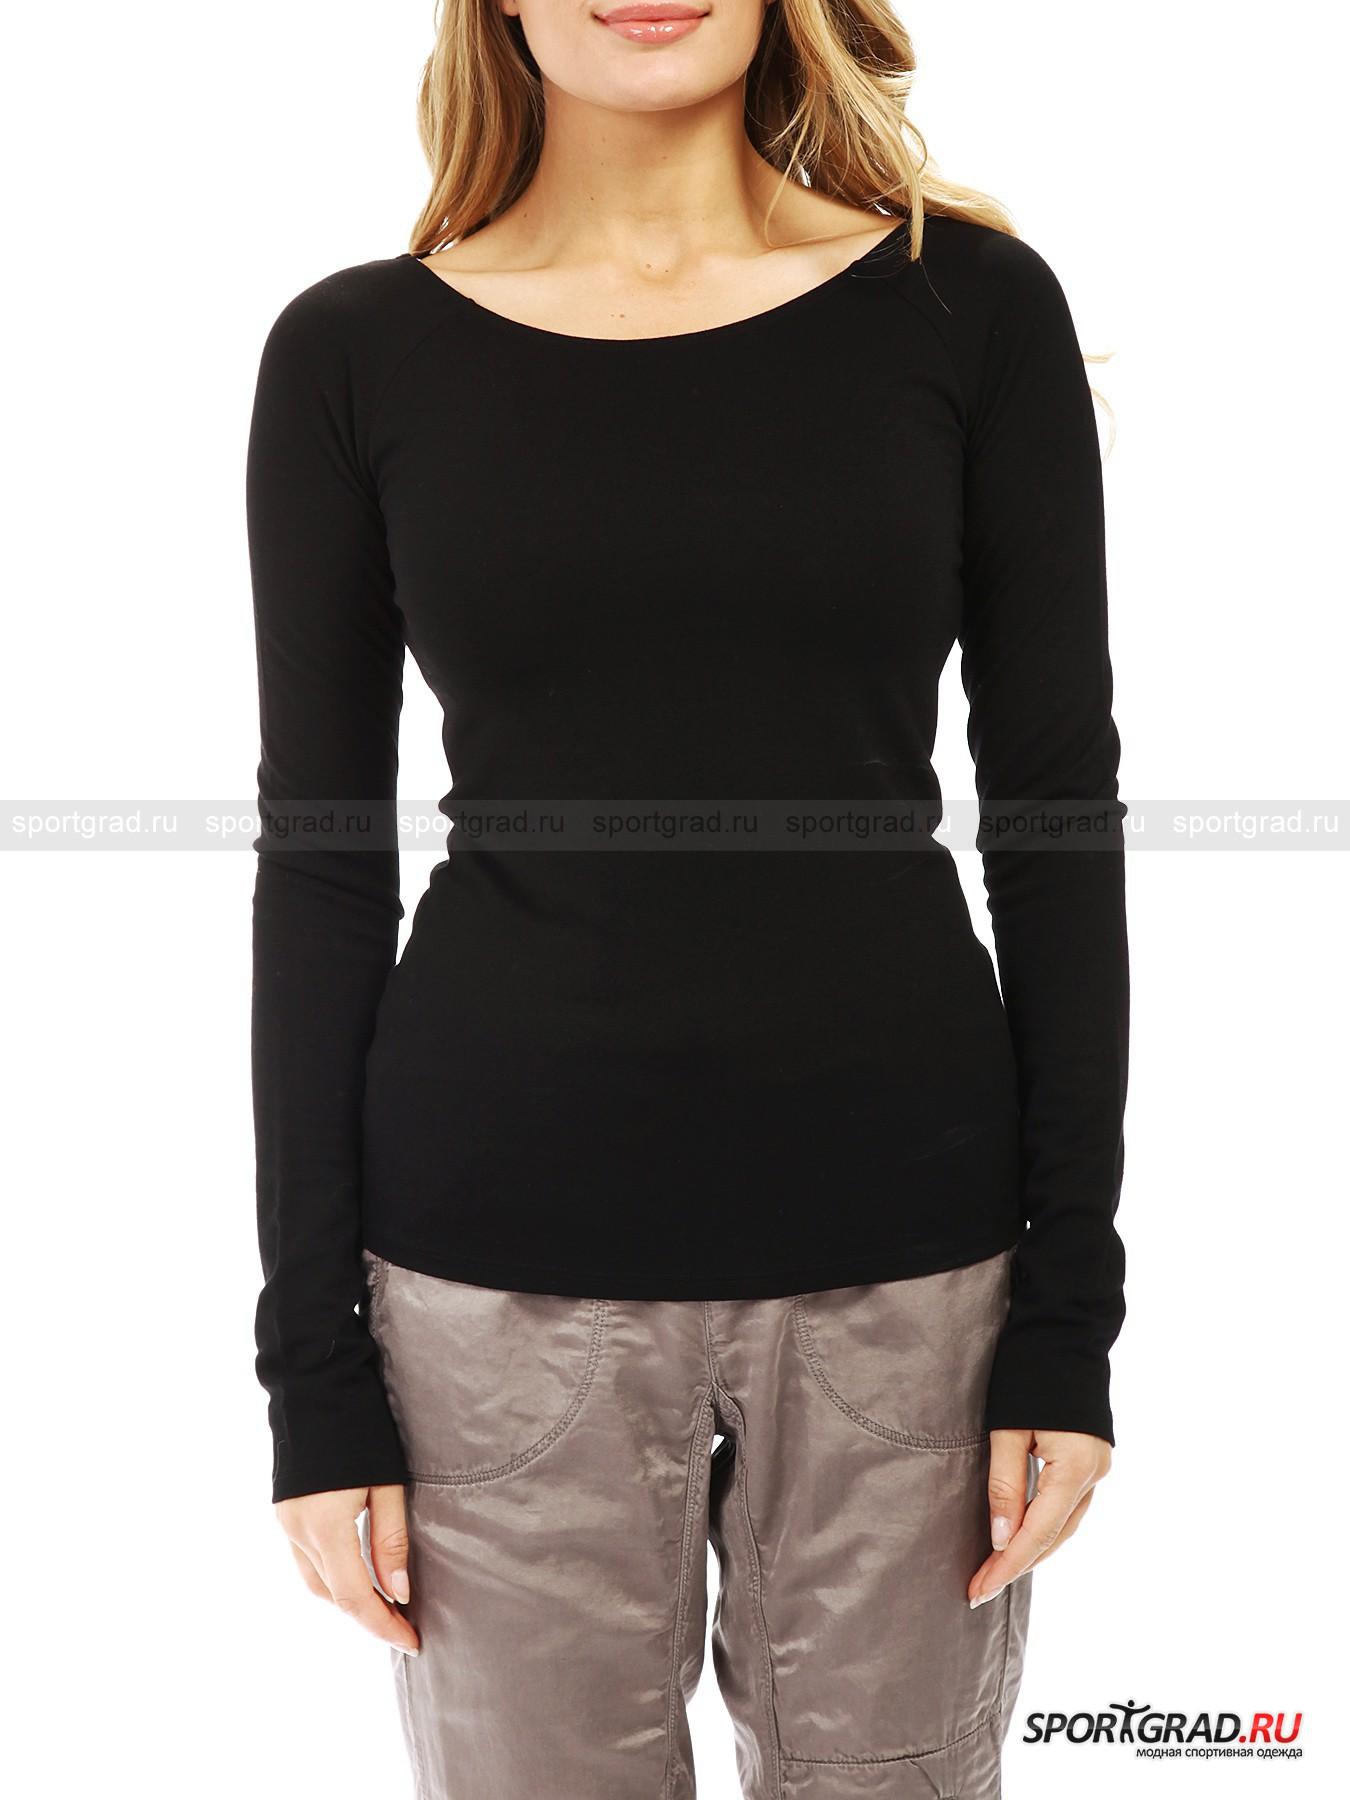 Футболка с длинным рукавом Boatneck Long Sleeve T-shirt DEHAДжемперы, Свитеры, Пуловеры<br>Черный лонгслив по фигуре Boatneck Long Sleeve T-shirt Deha – базовая вещь, которая непременно приживется в гардеробе каждой стильной девушки. Это прекрасная основа для множества модных образов и отличная вещь сама по себе. <br>Лонгслив изготовлен из очень эластичного, тонкого, гладкого и мягкого на ощупь трикотажа. Он подчеркивает все достоинства женской фигуры, благодаря вырезу «лодочка» делая плечи чуть шире, а талию уже.<br><br>Пол: Женский<br>Возраст: Взрослый<br>Тип: Джемперы, Свитеры, Пуловеры<br>Рекомендации по уходу: стирка в теплой воде до 30 С; не отбеливать; гладить слегка нагретым утюгом (температура до 110 C); химическая чистка сухим способом; нельзя выжимать и сушить в стиральной машине<br>Состав: 70% вискоза, 27% полиэстер, 3% эластан